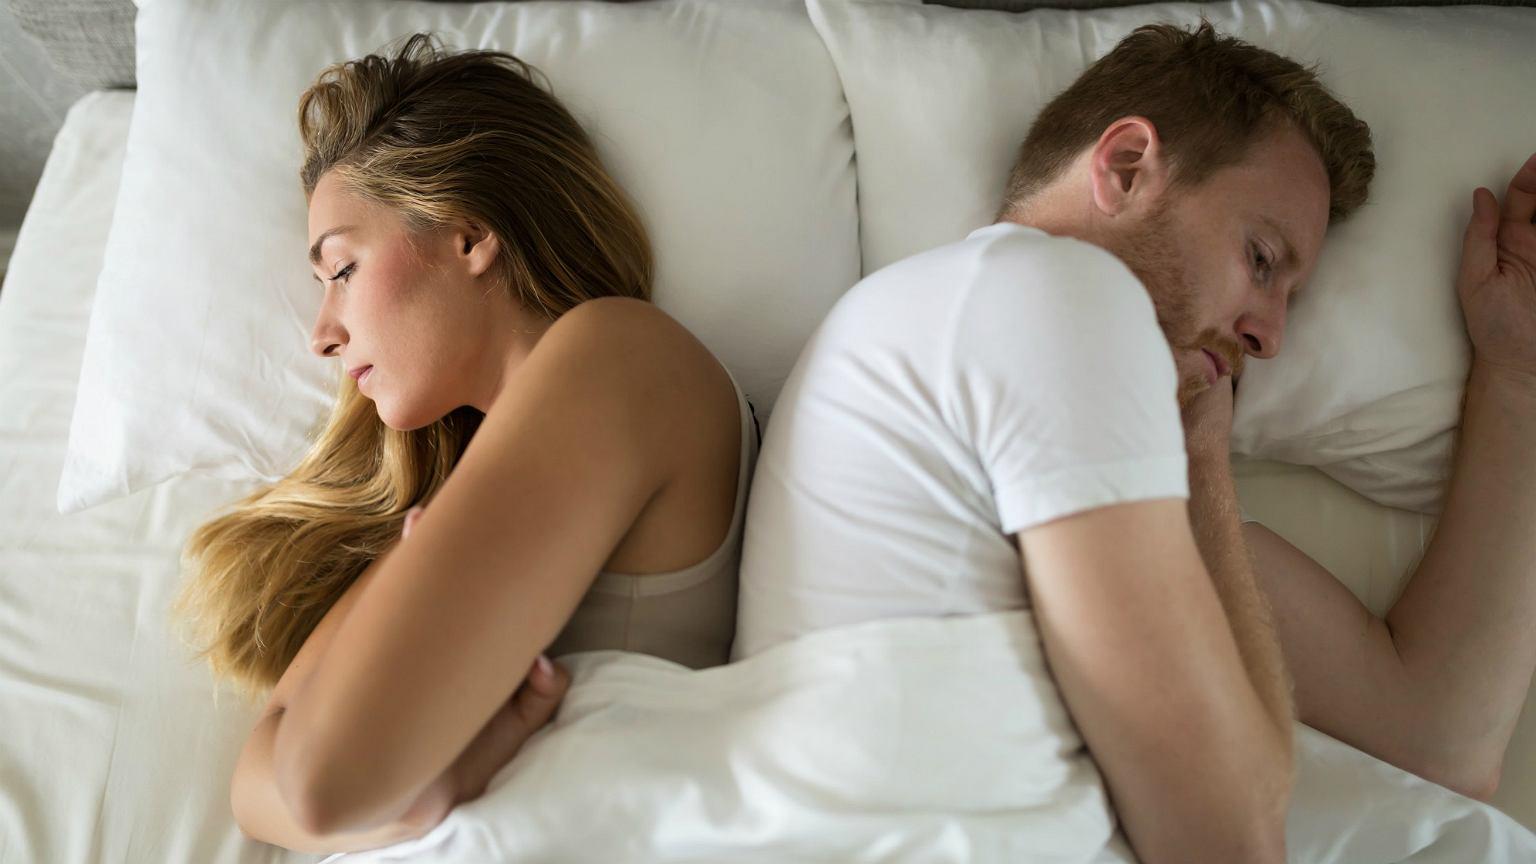 Zdarza się, że partner czy partnerka już nie wytrzymuje trudu towarzyszenia osobie chorej na depresję